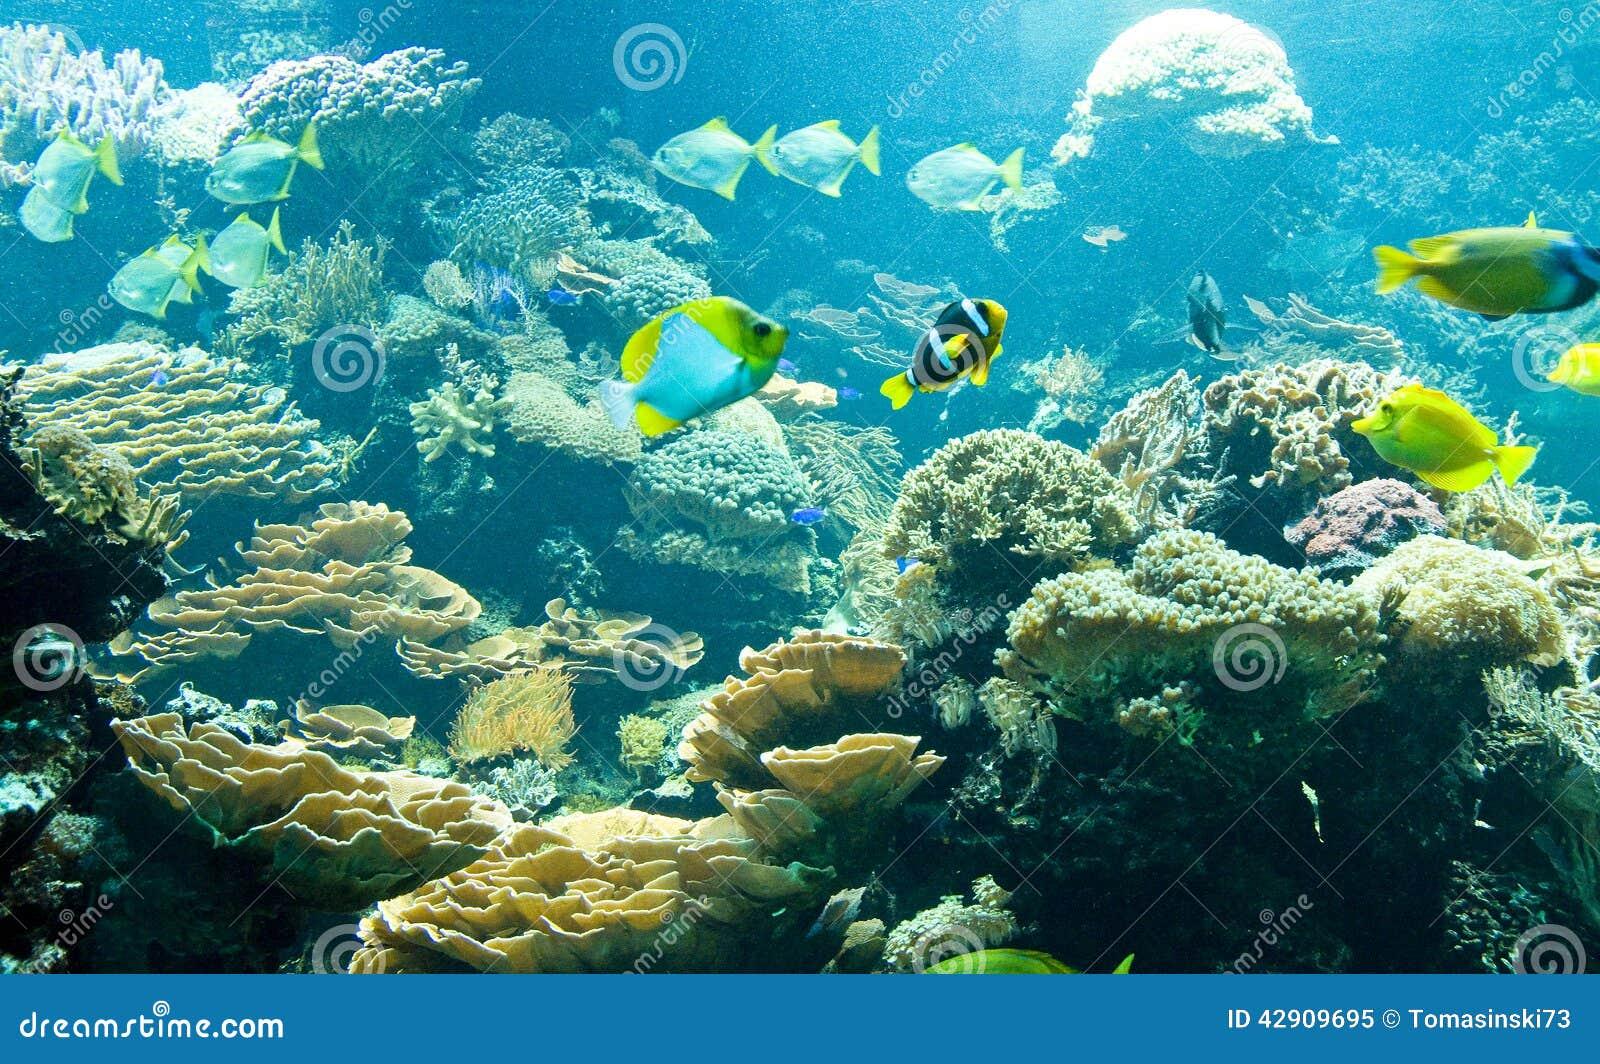 Tropische fische in seinem lebensraum stockfoto bild for Lebensraum fische